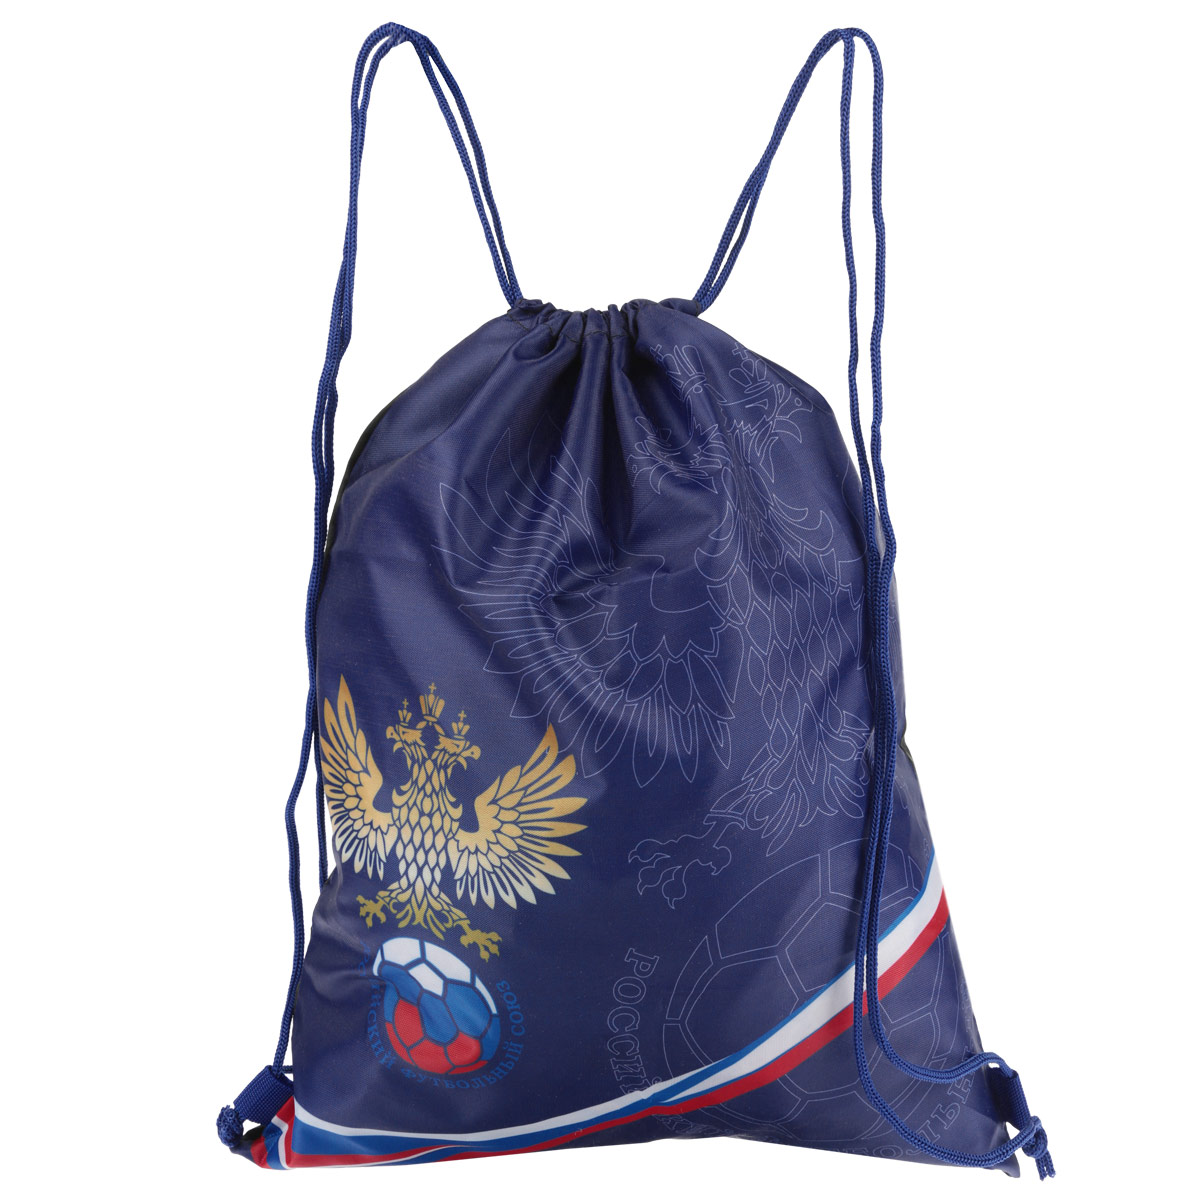 Сумка для сменной обуви Российский Футбольный Союз (РФС), цвет: синий сумка для сменной обуви российский футбольный союз рфс цвет синий